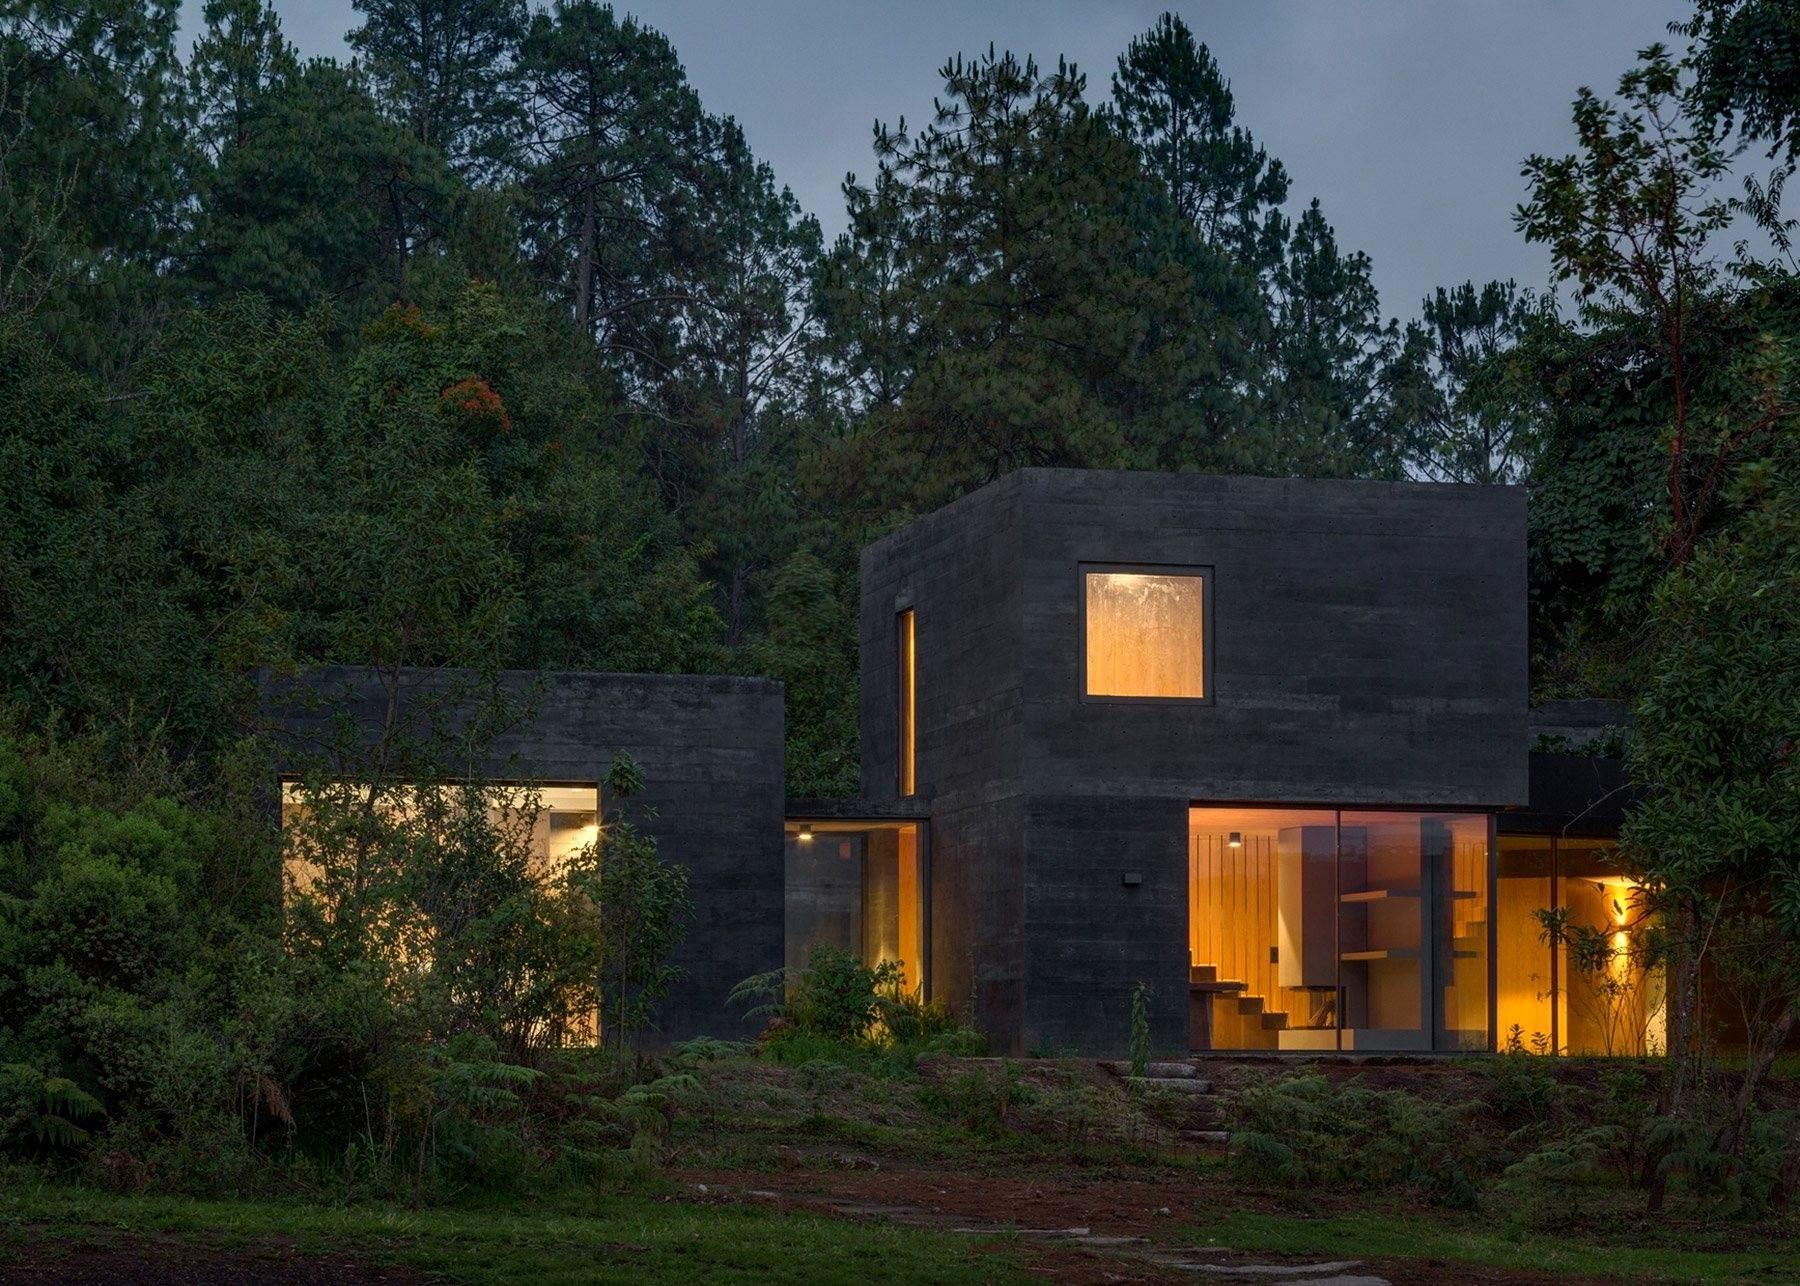 le marc de caf au jardin luxe casa bruma un design. Black Bedroom Furniture Sets. Home Design Ideas